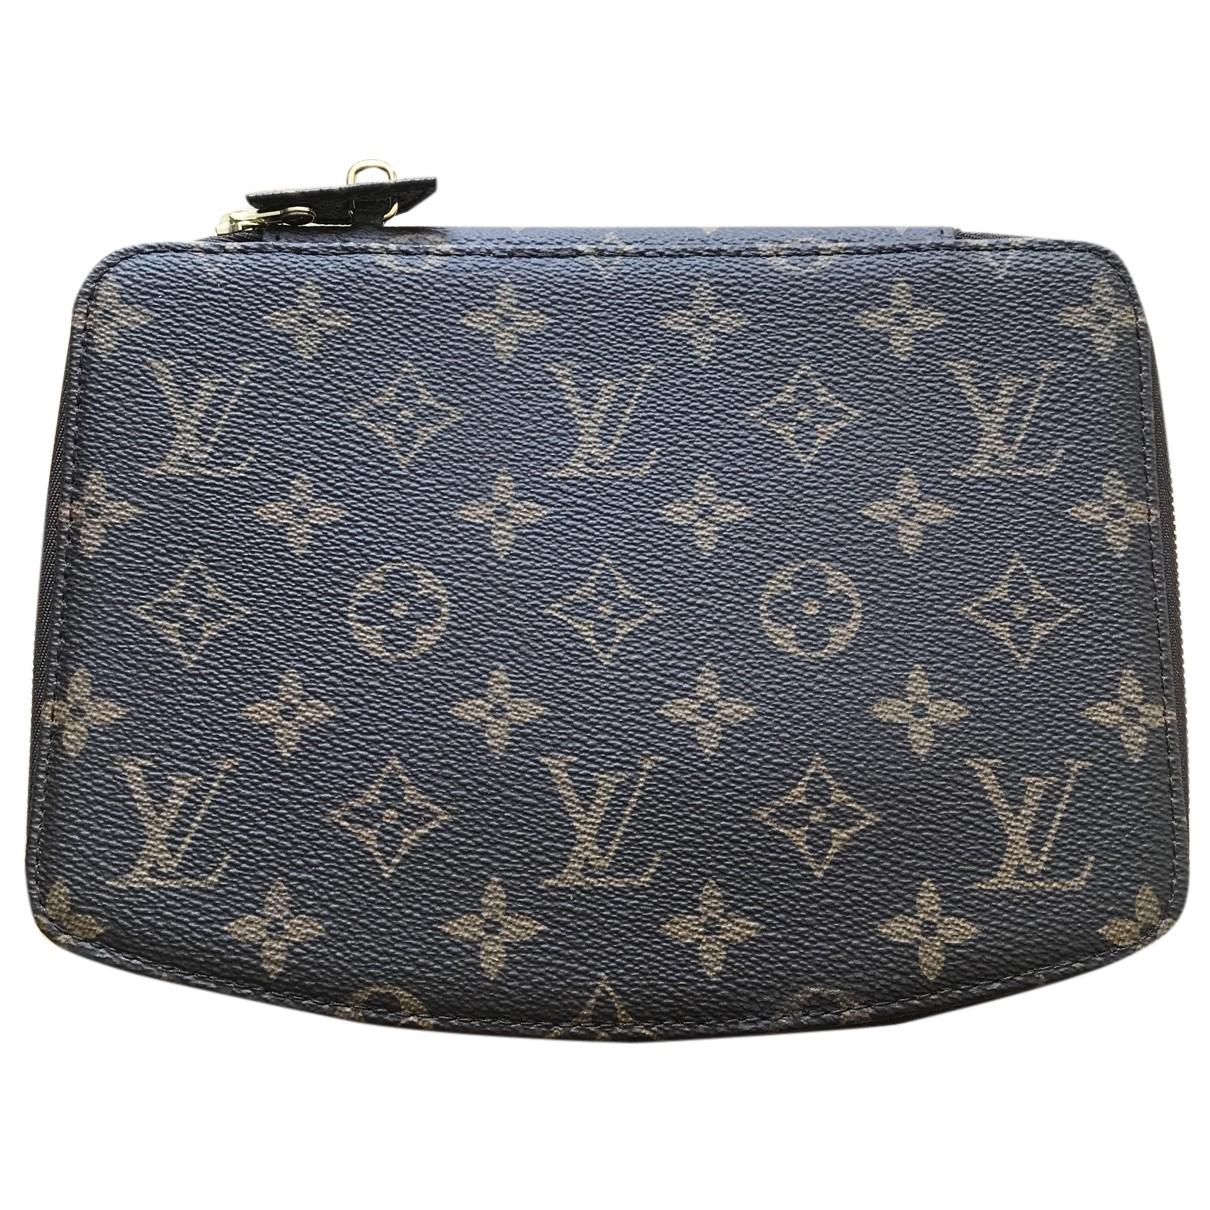 Louis Vuitton - Objets & Deco Boite a bijoux pour lifestyle en autre - marron